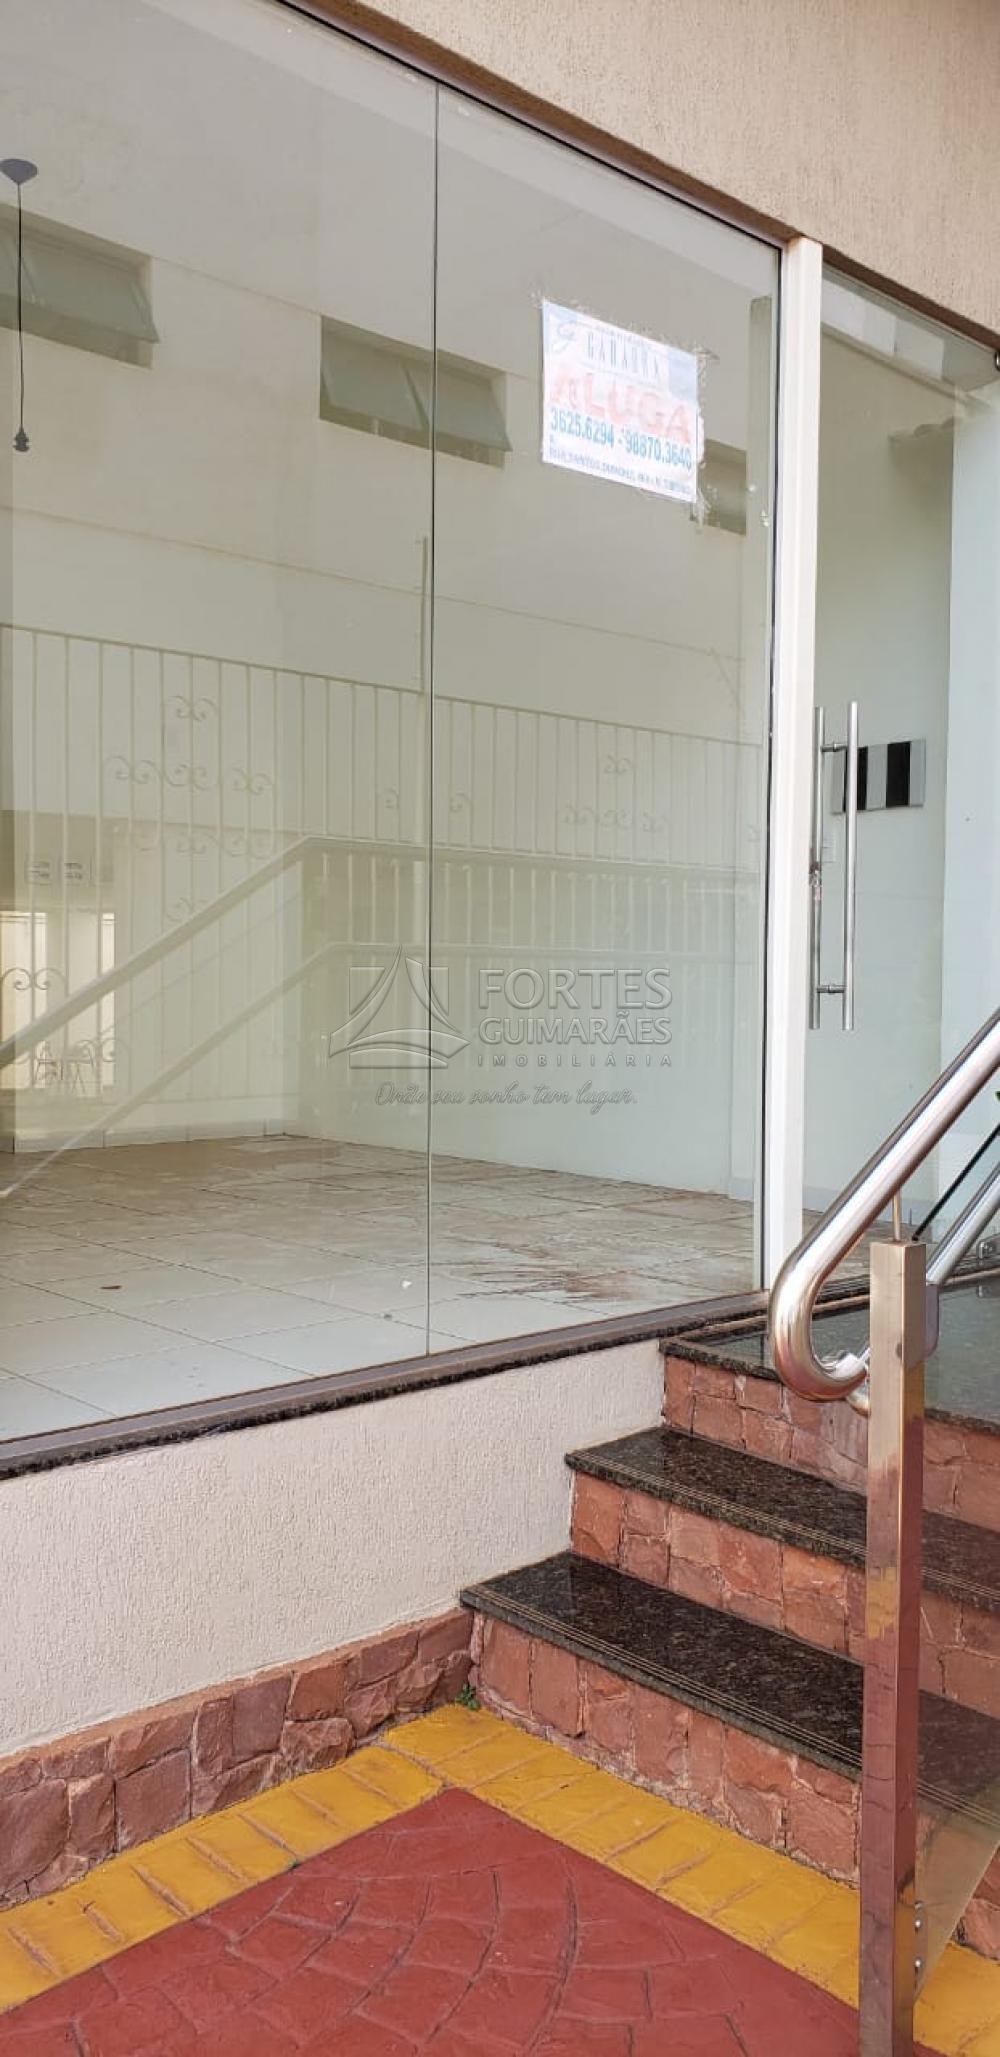 Alugar Comercial / Sala em Ribeirão Preto apenas R$ 1.000,00 - Foto 1